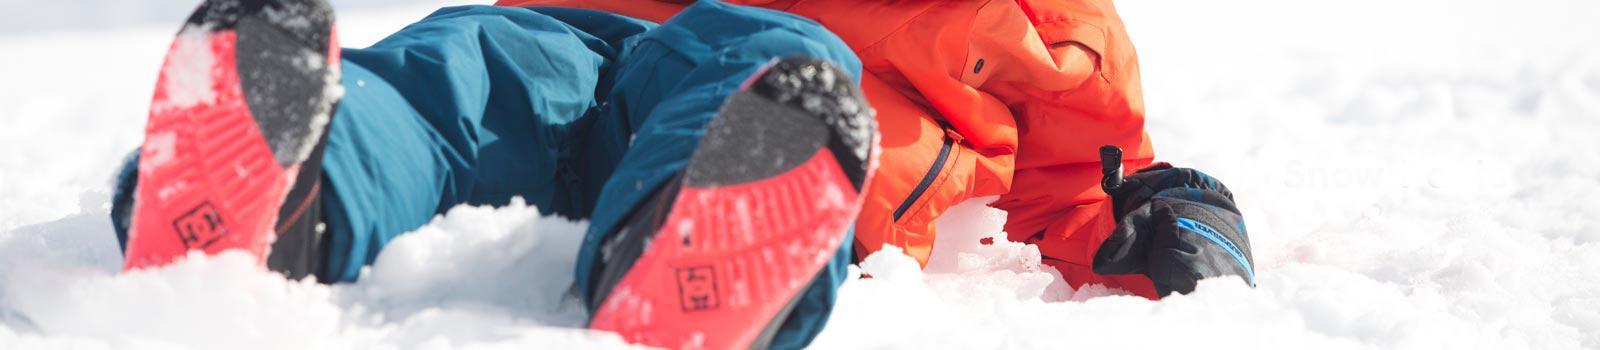 Детские сноубордические ботинки,